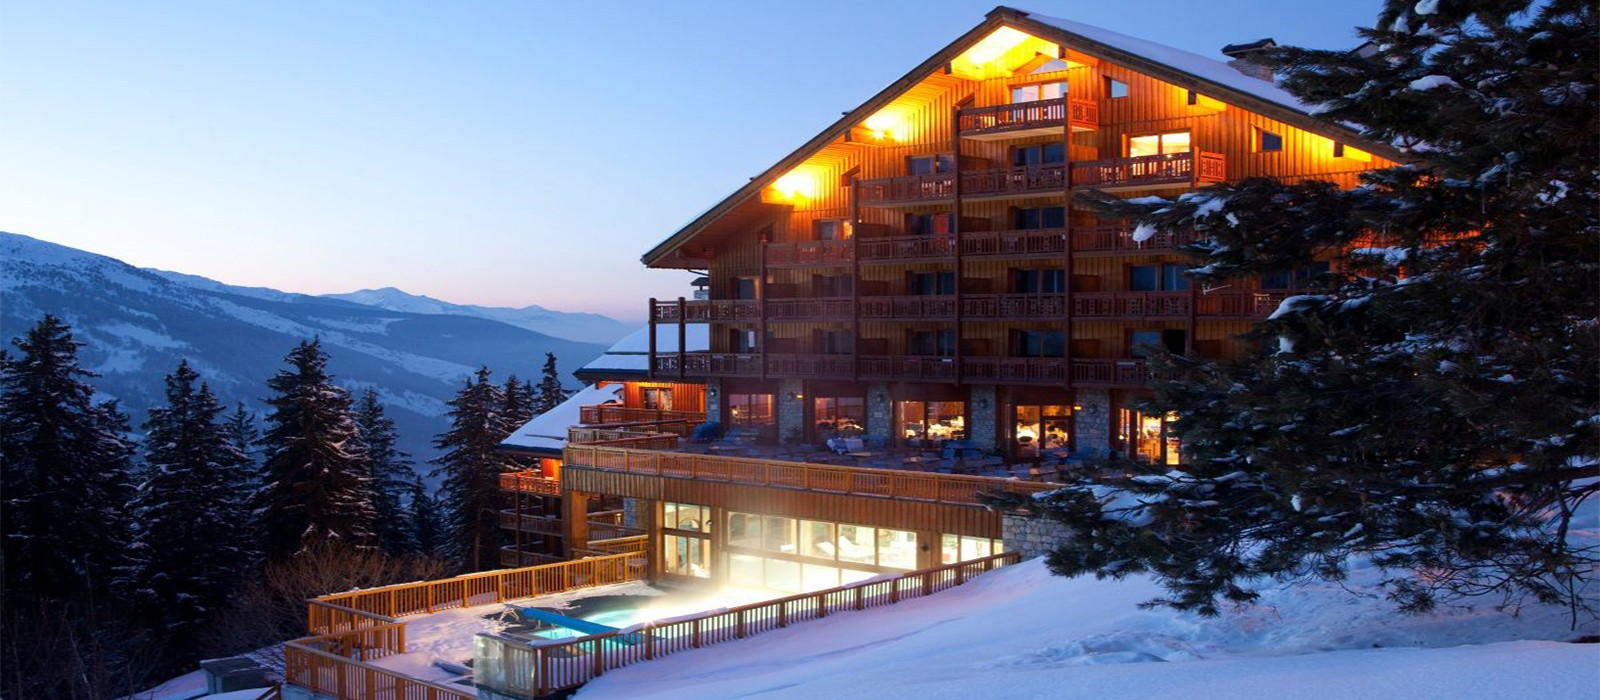 Club Med Meribel L'Antares - France holiday - header